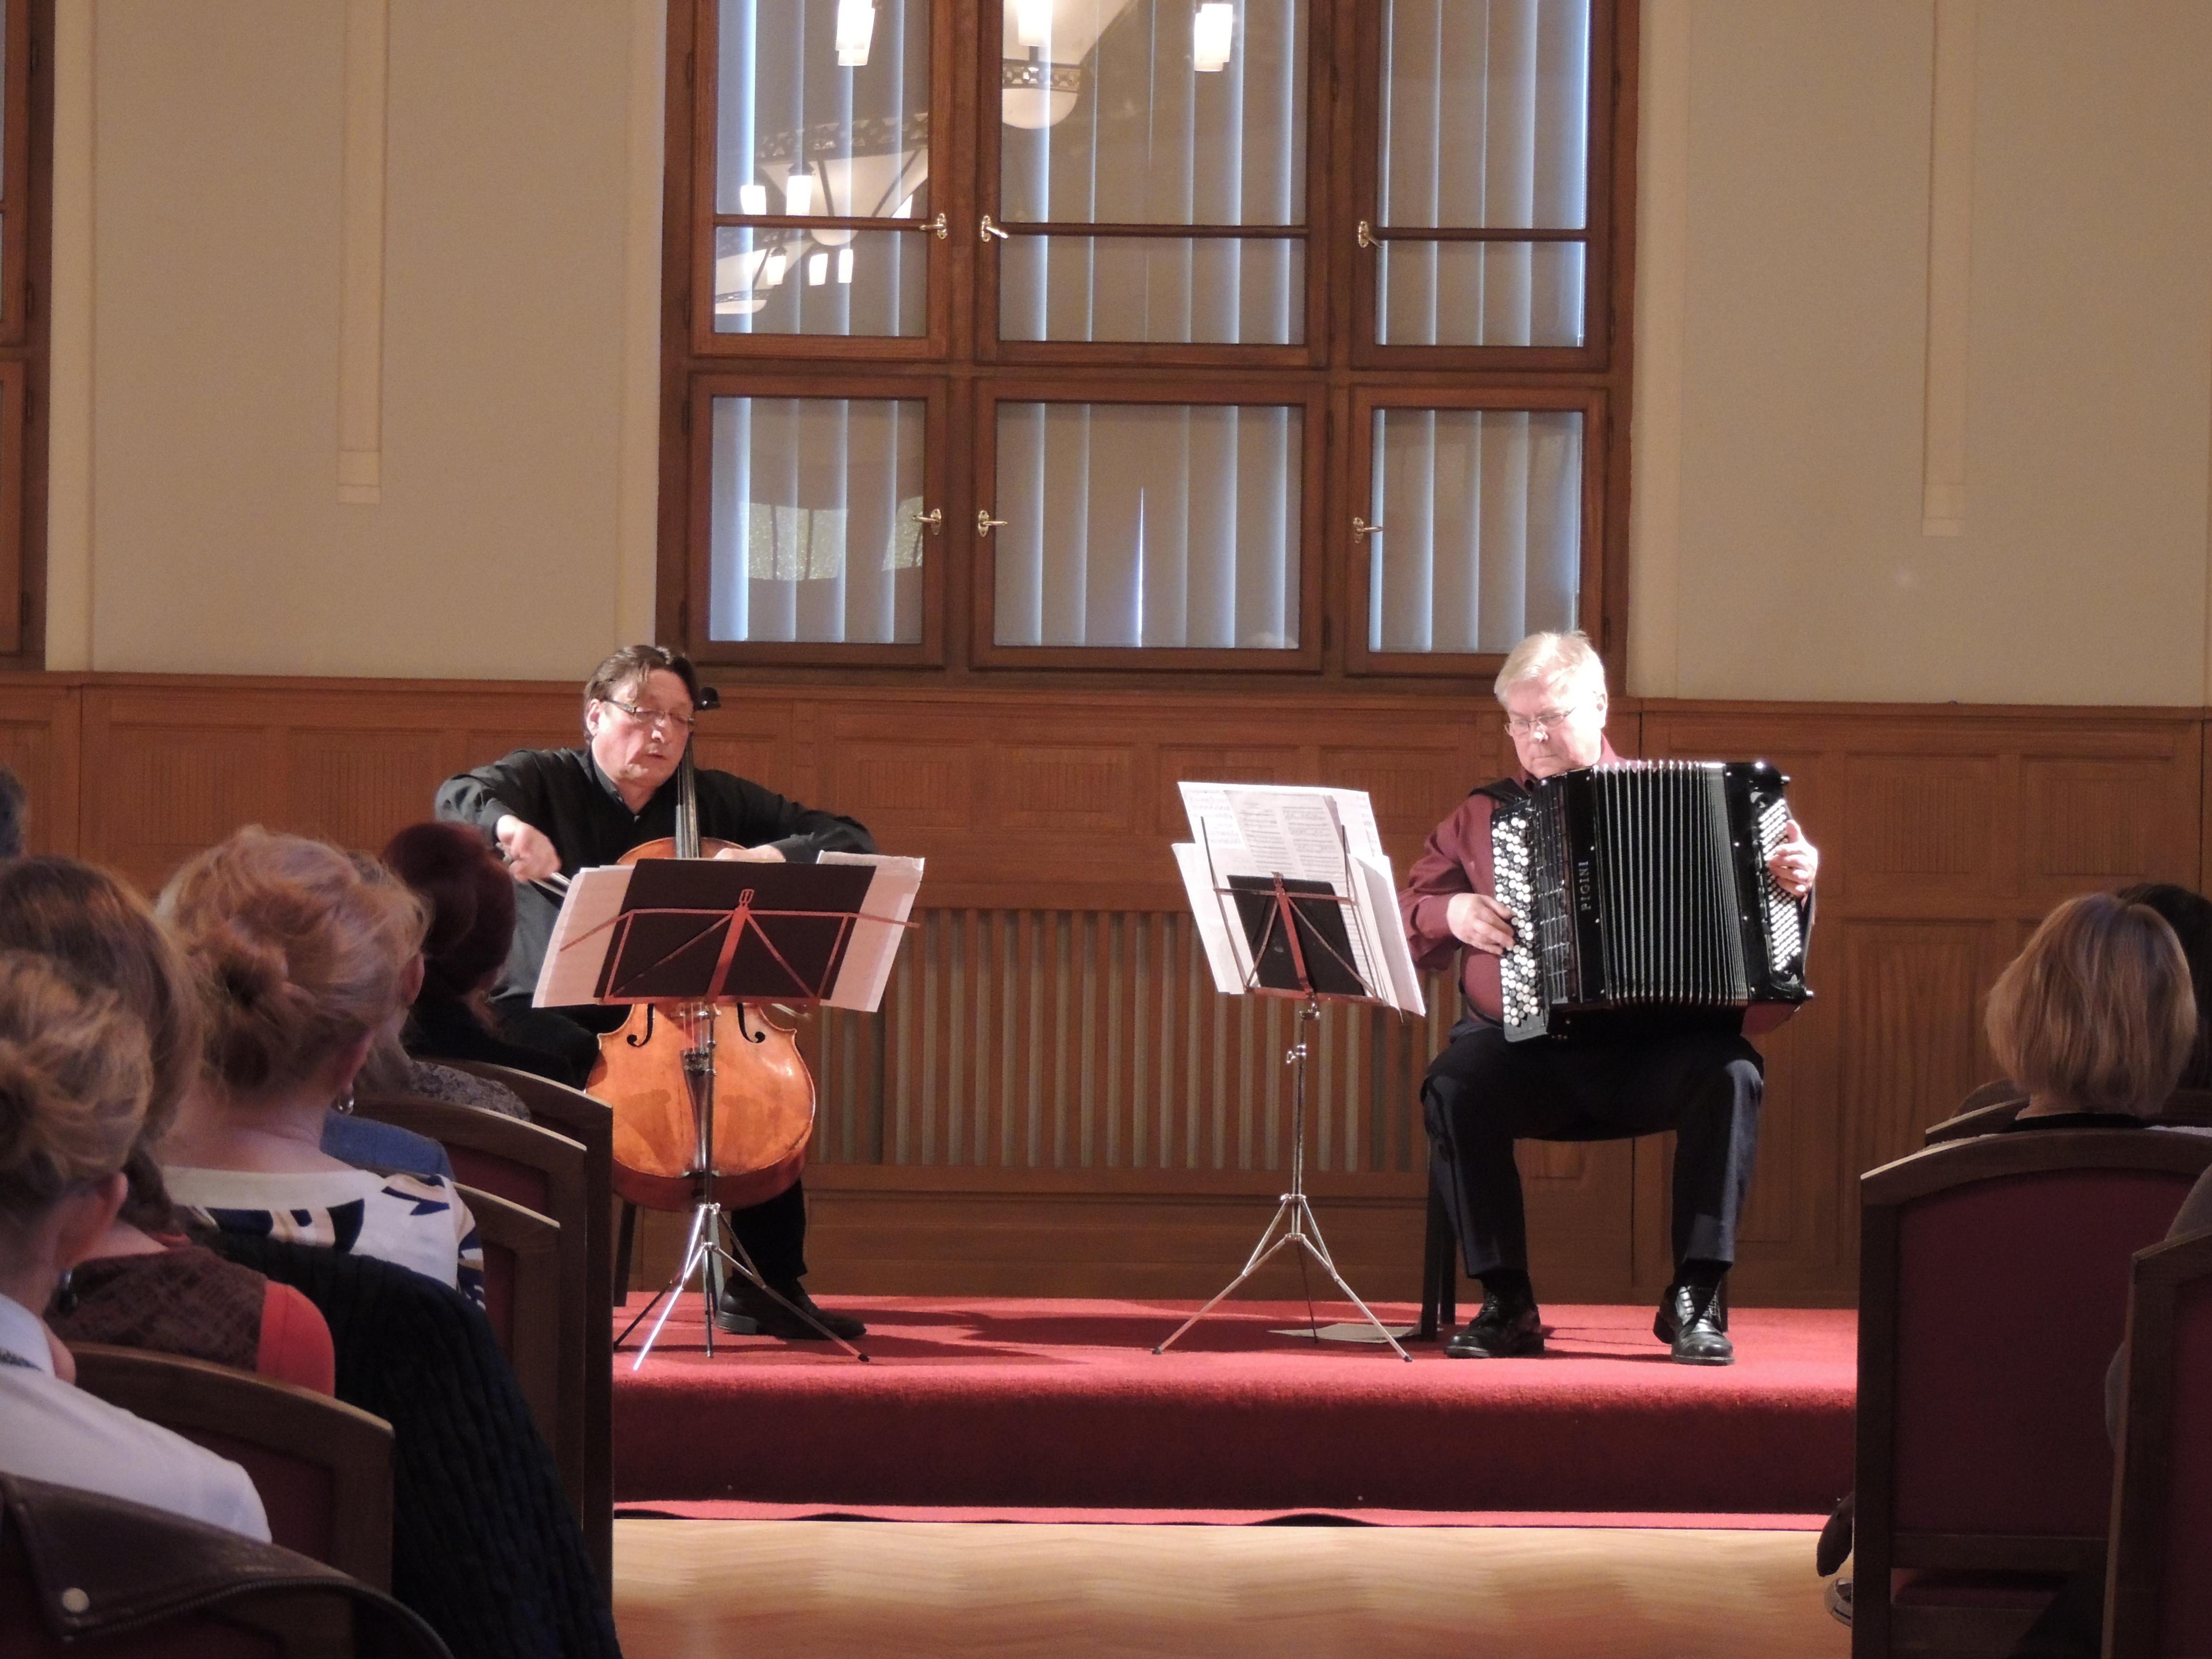 Galéria Hudby - Cyklus komorných koncertov